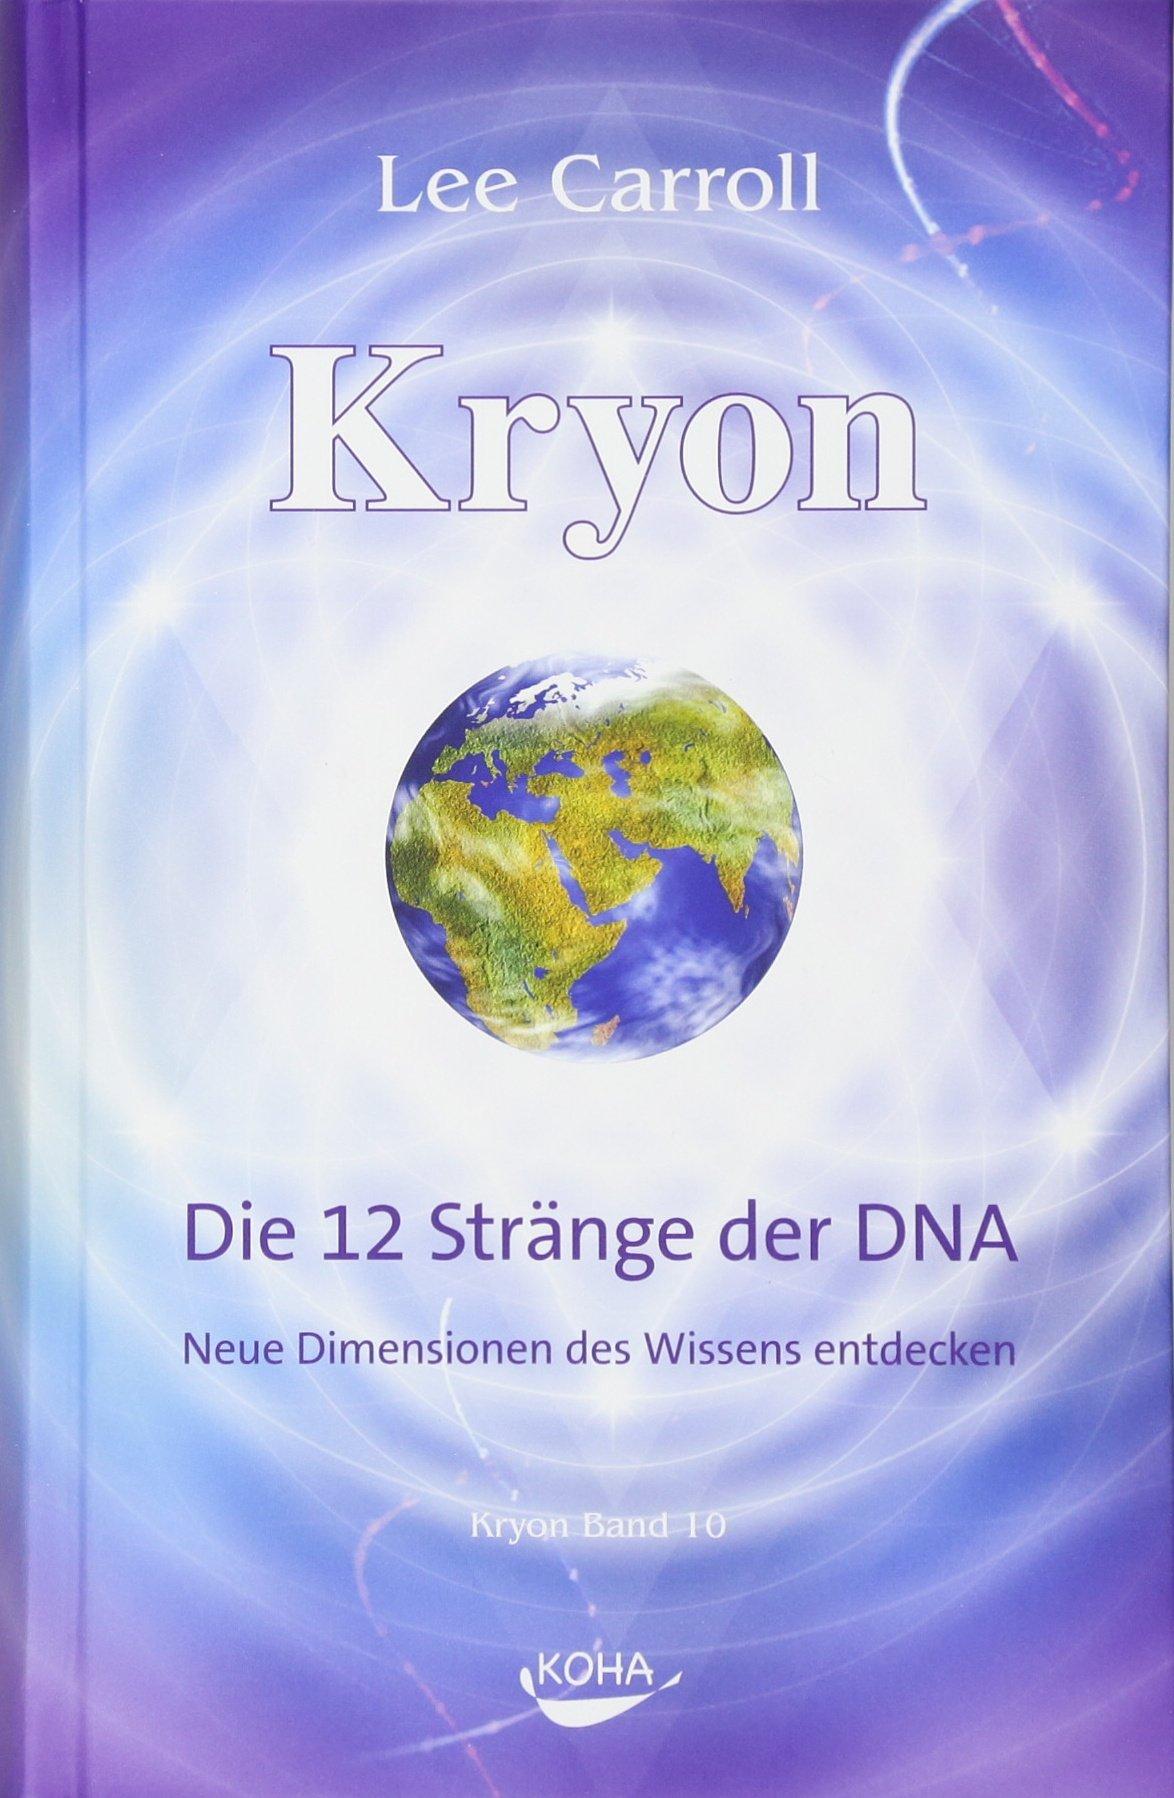 kryon10-die-12-strnge-der-dna-neue-dimensionen-des-wissens-entdecken